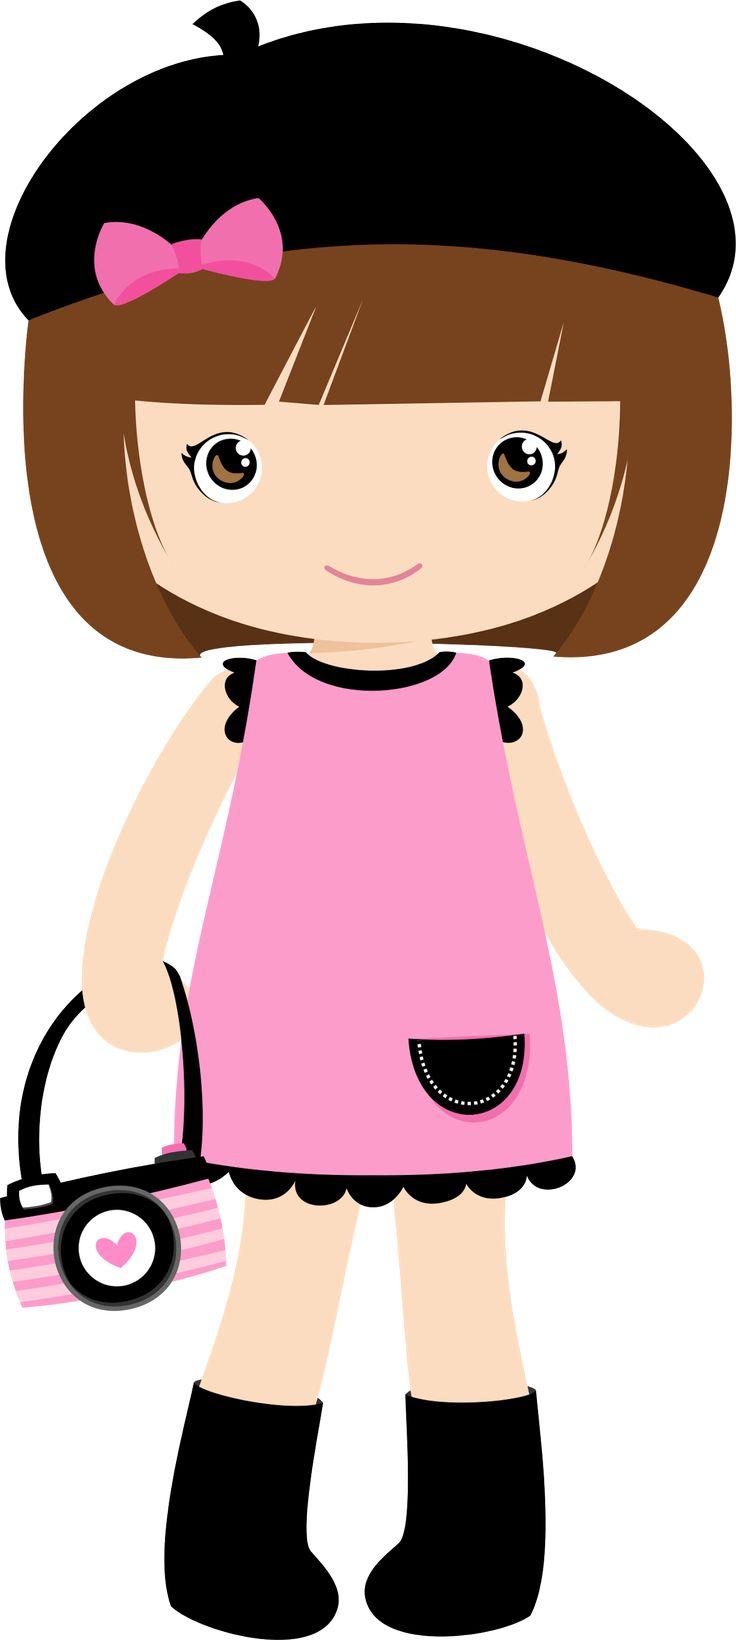 MENINAS * BONECAS · Girl ClipartCottage hdclipartall.com